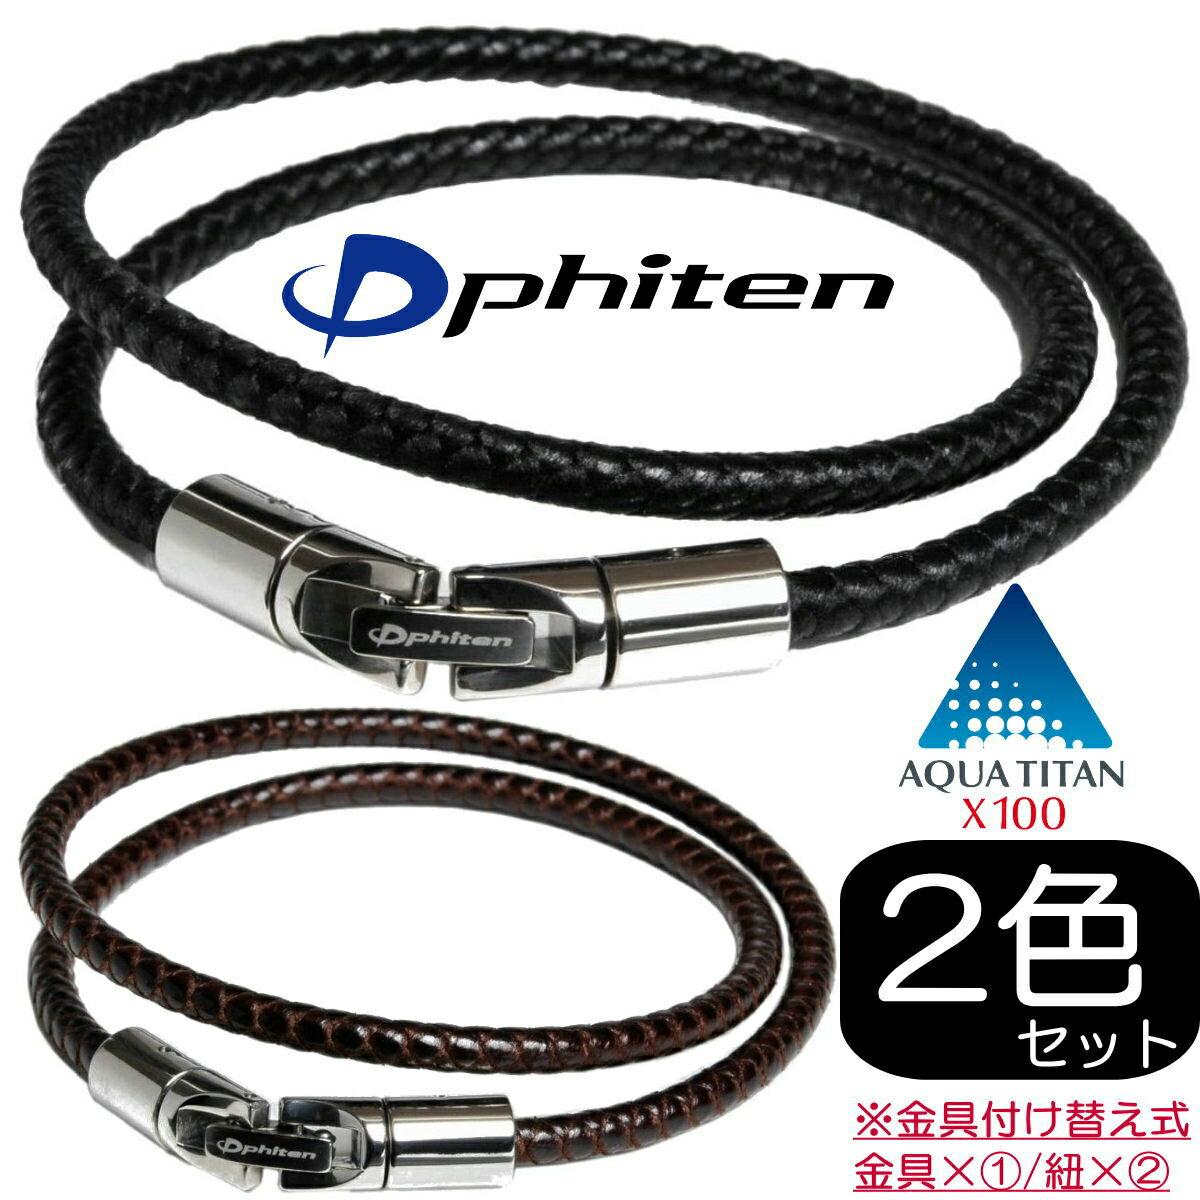 【あす楽】【正規品】 Phiten   RAKUWAブレス X100 レザータッチモデル 2色(ブラック/ブラウン)セット   全2サイズ 32cm/40cm   ファイテン